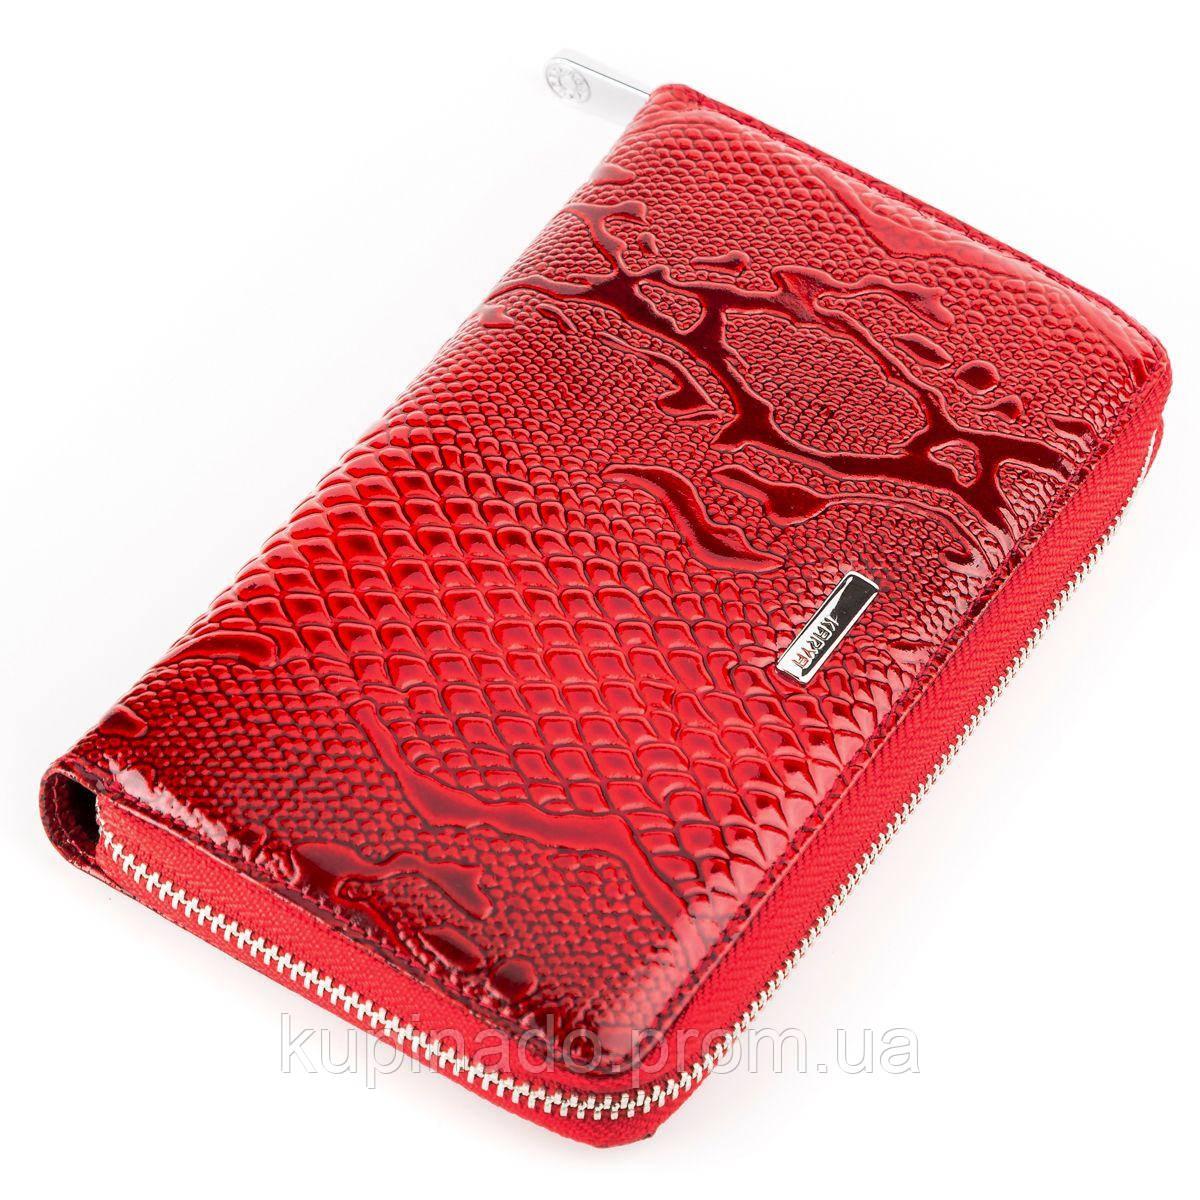 Кошелек женский KARYA 17003 кожаный Красный, Красный